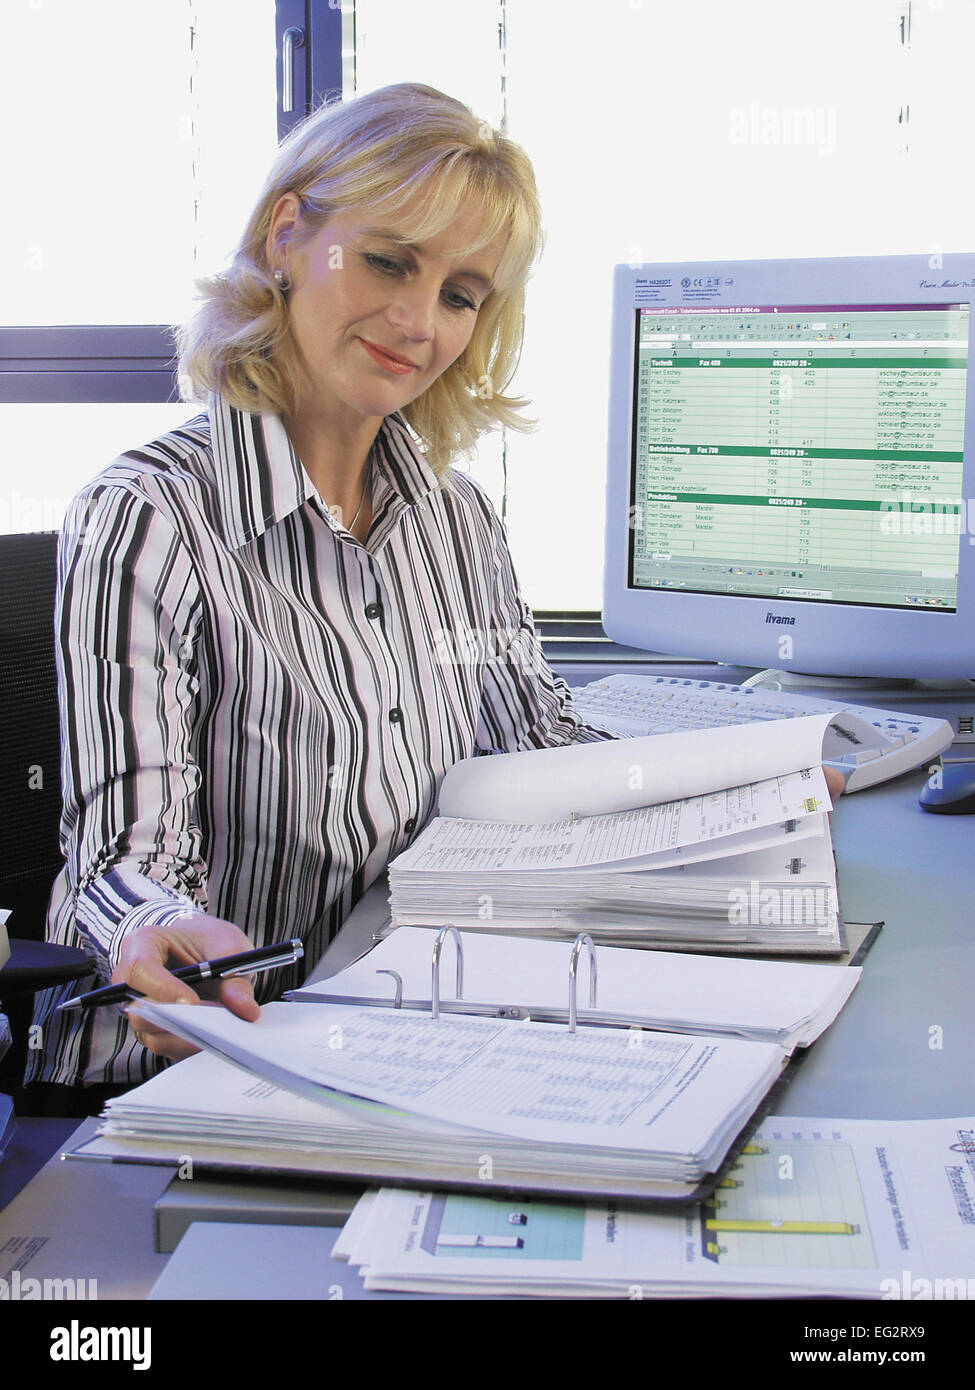 Frau Unterlagen Akten Angestellte Buero Chefin Bueroangestellte Business Dokumente Durchlesen Durchsehen Geschaeftsfrau Stock Photo